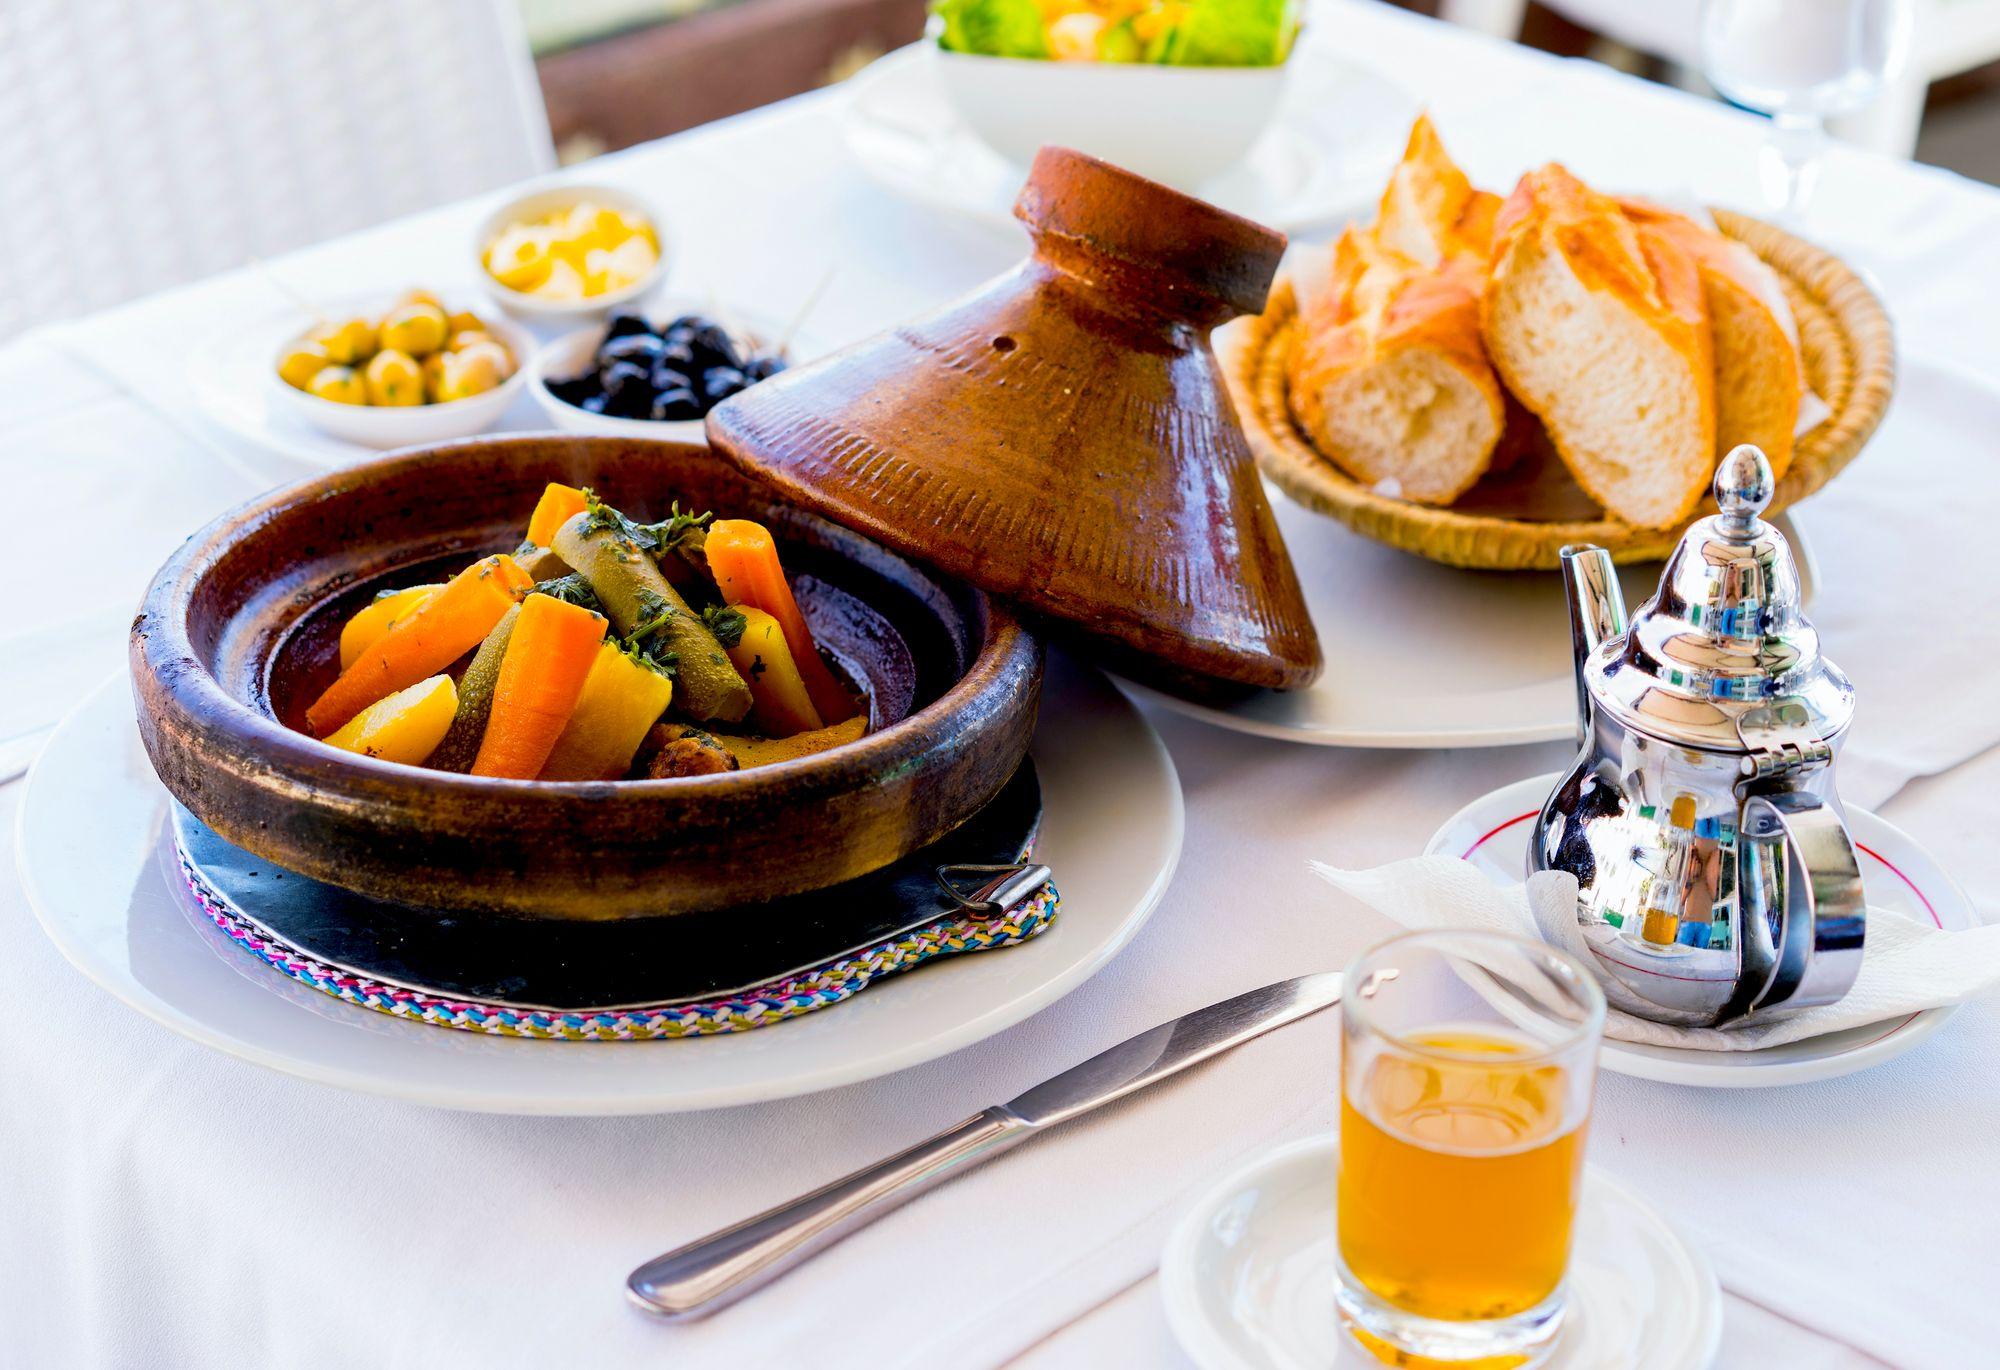 Köstliche Halal-Speisen